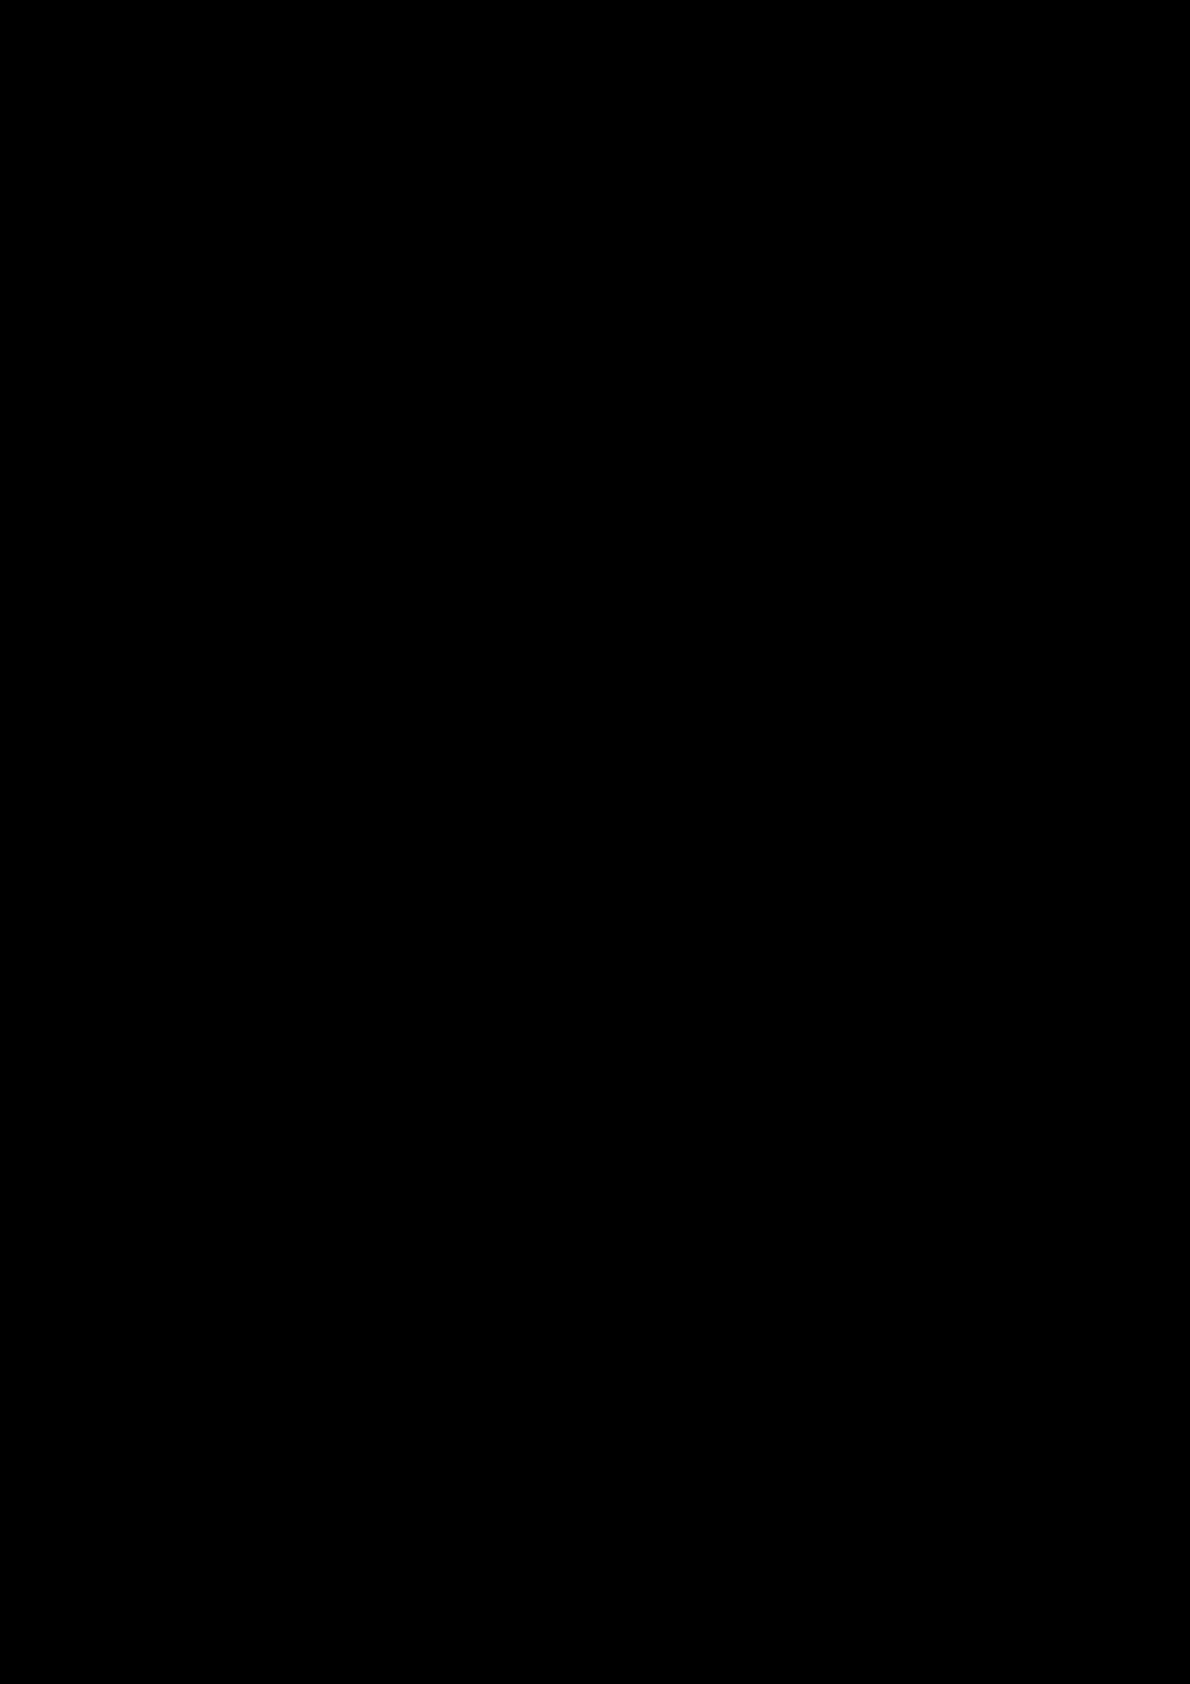 Autopia-presenta/specimen-autopia-c-regular.png